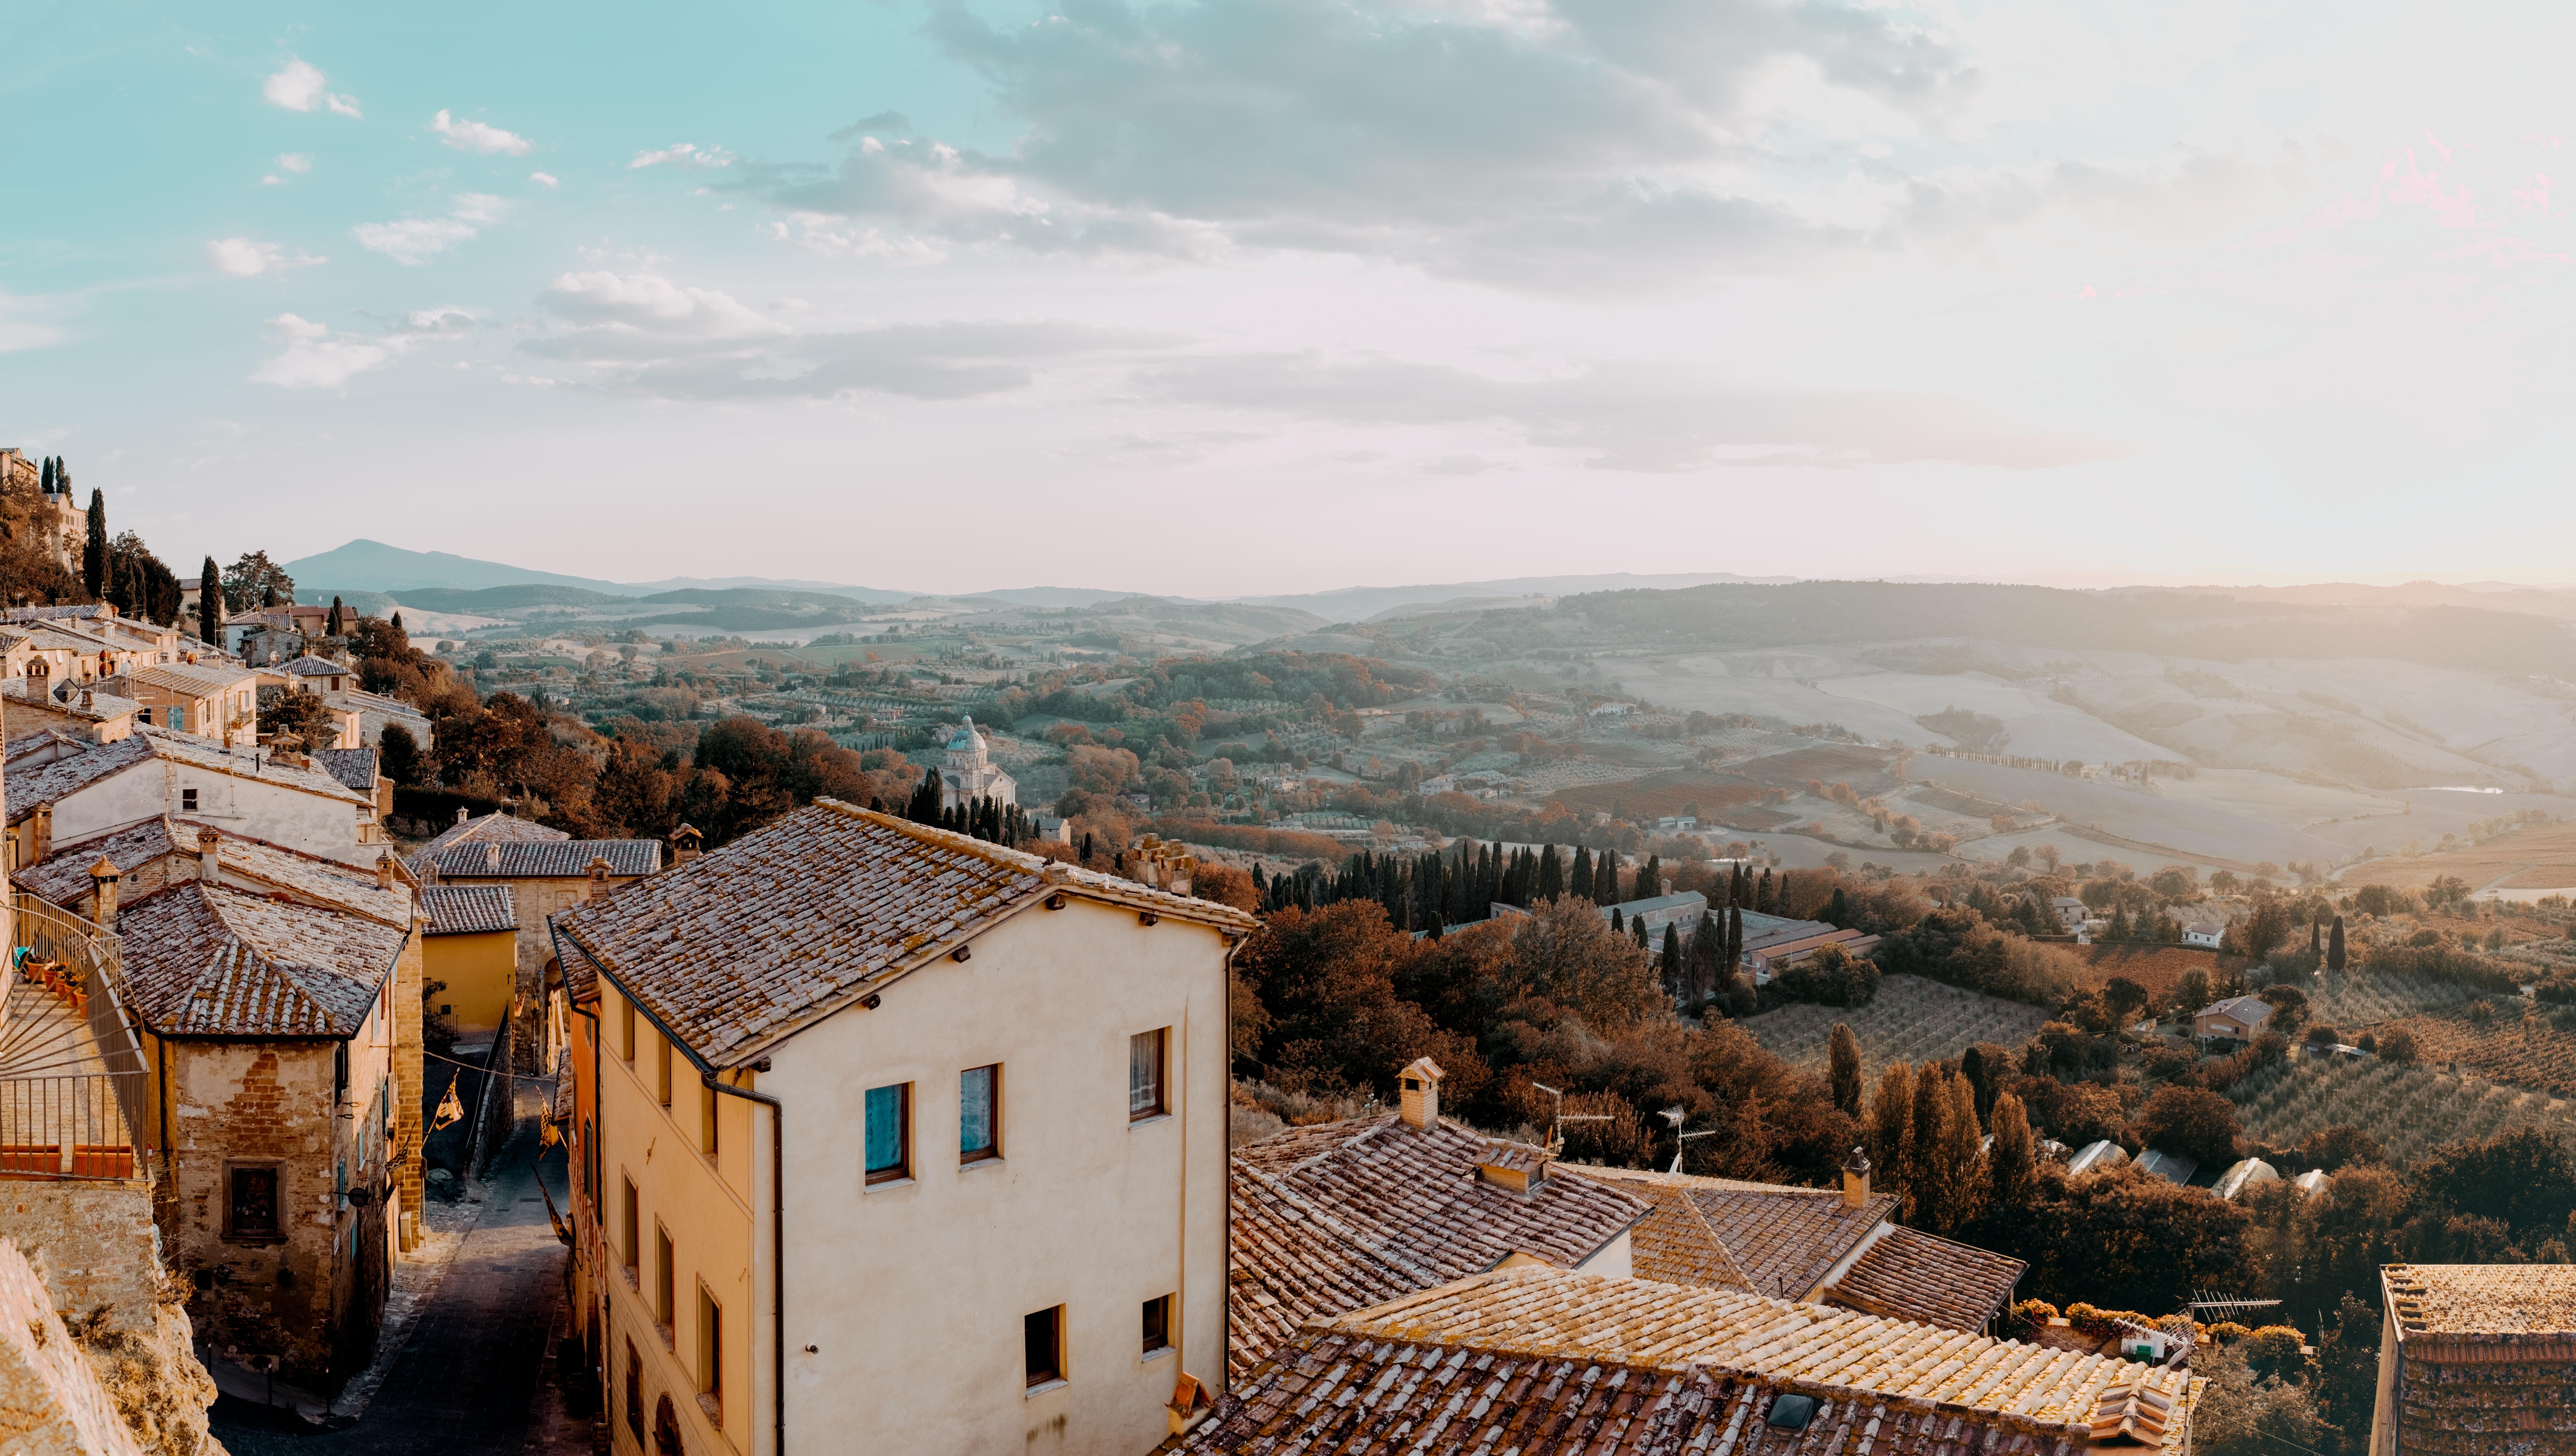 128229 скачать обои Италия, Пейзаж, Природа, Архитектура, Вид Сверху, Коммуна, Монтоне - заставки и картинки бесплатно